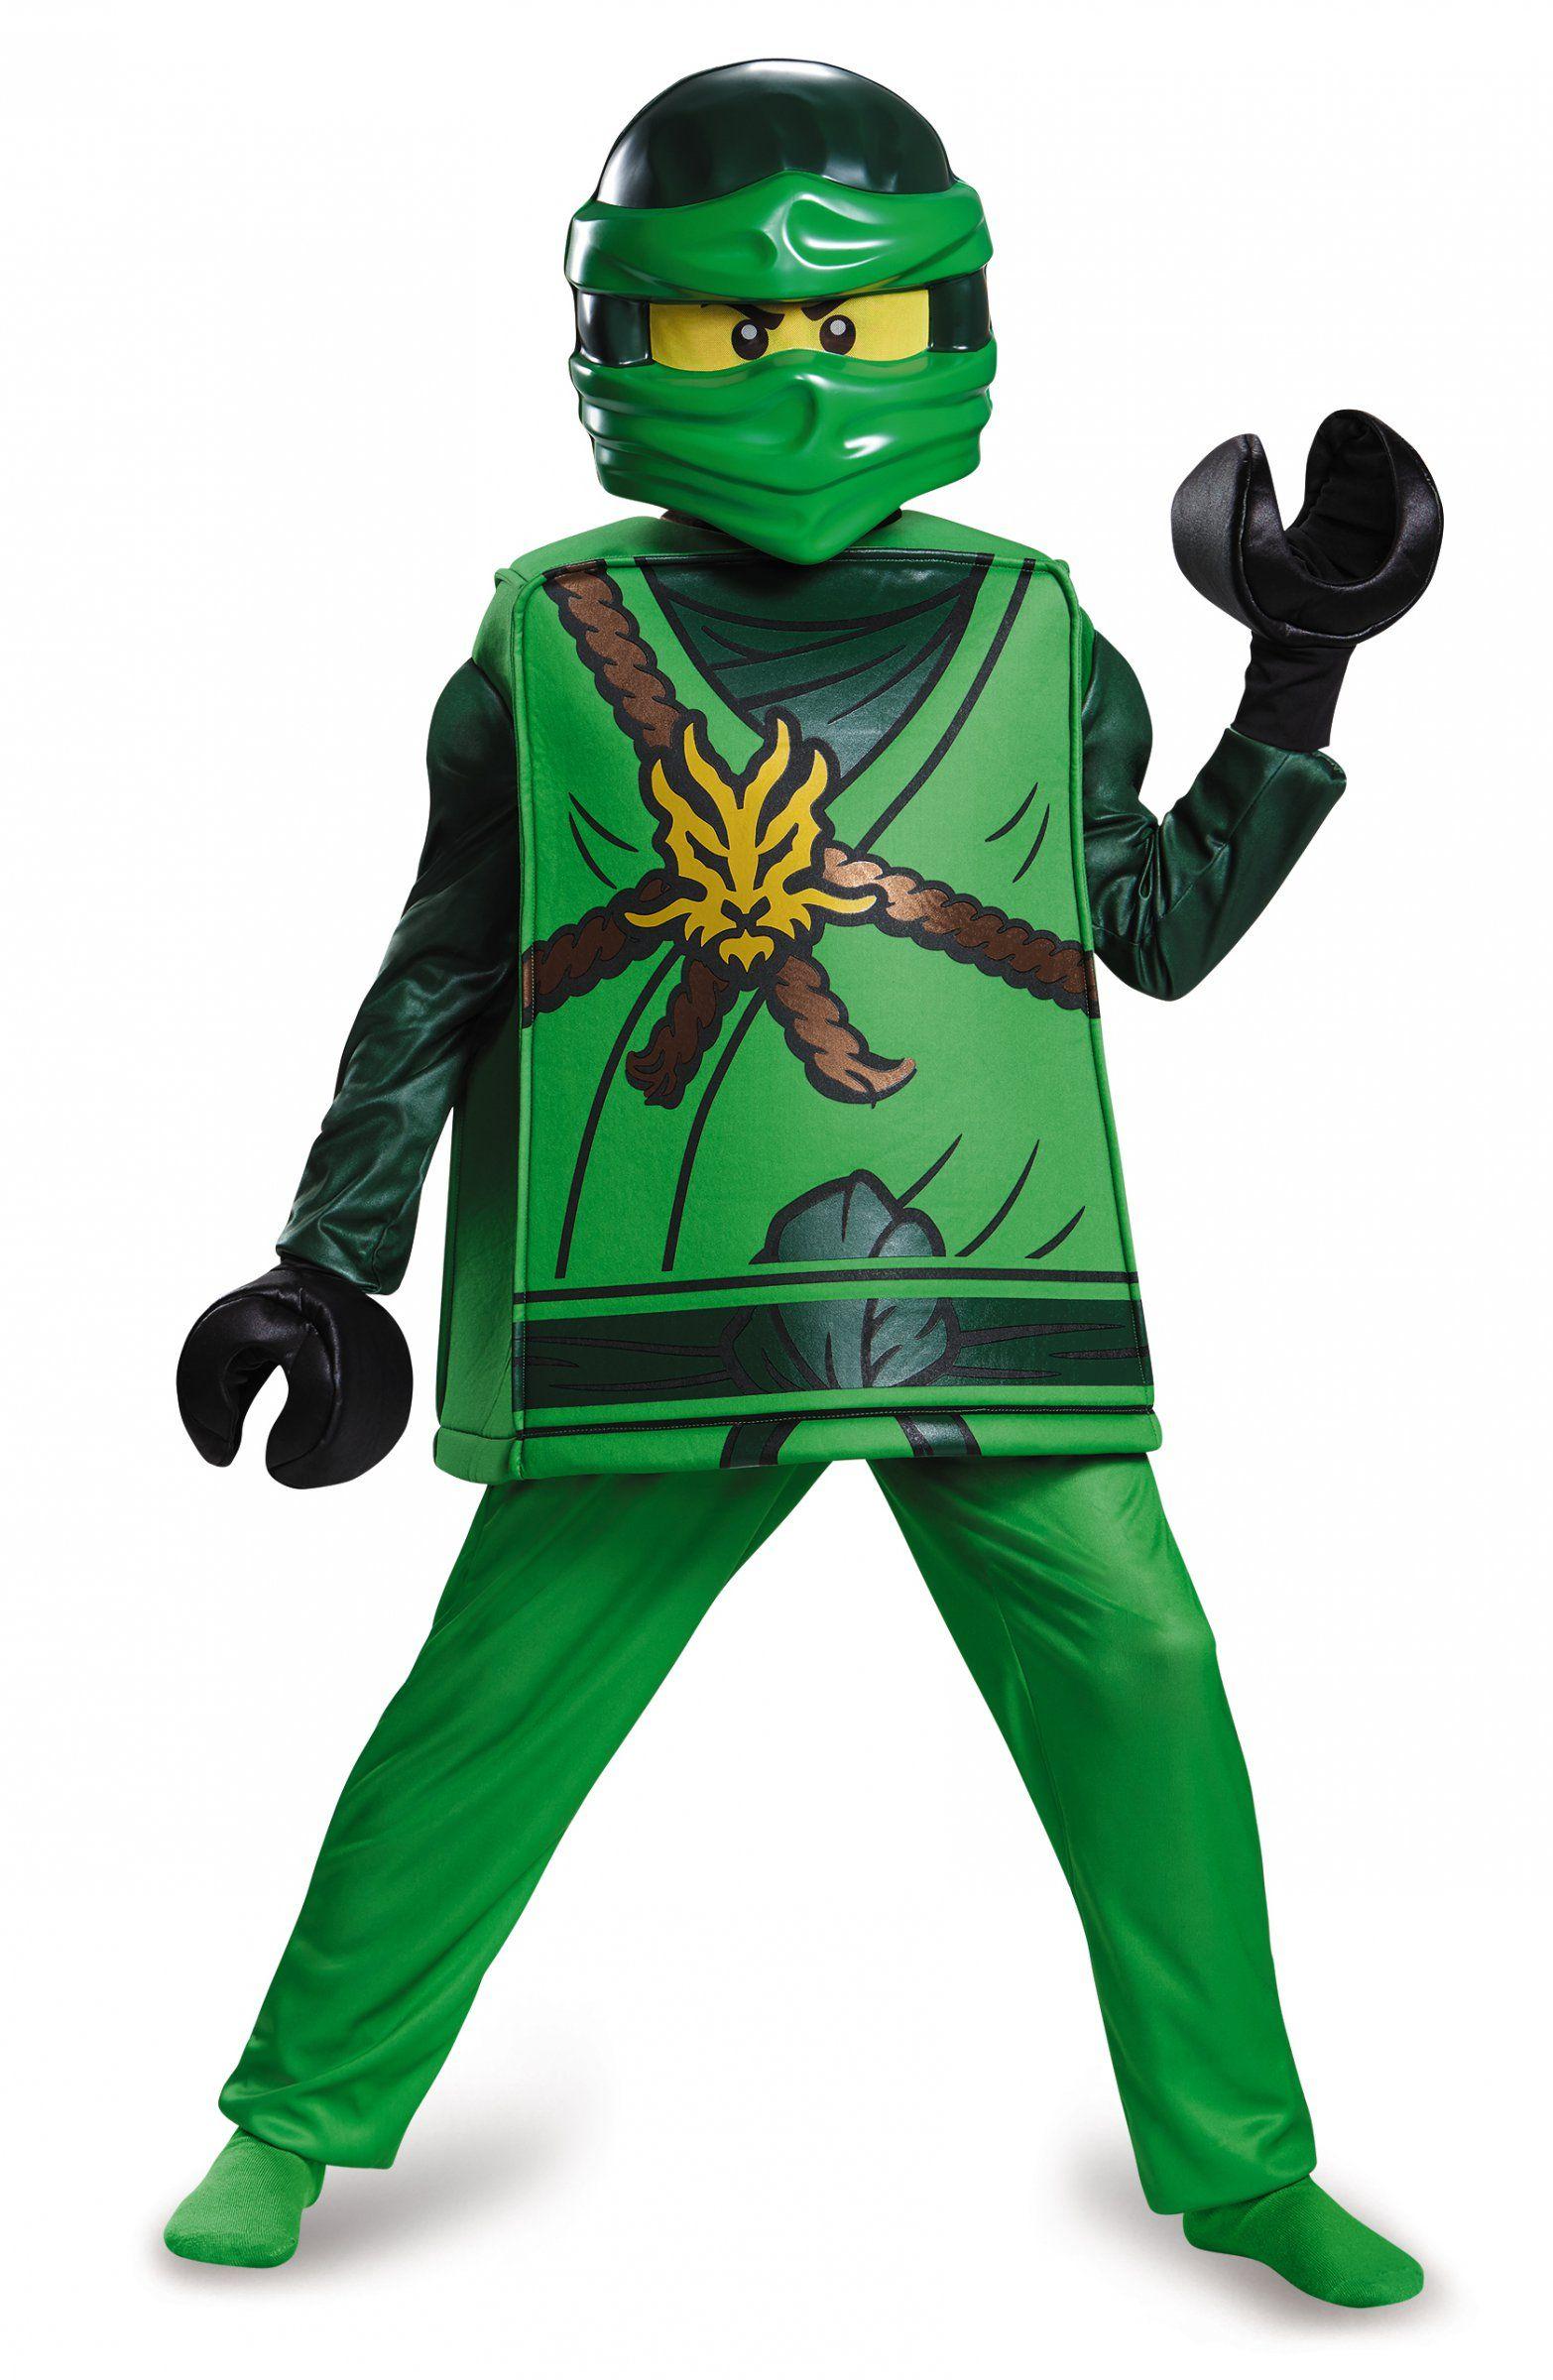 Lego® lloyd ninjago kinderkostüm ninja grün-schwarz | Karneval, Lego ...